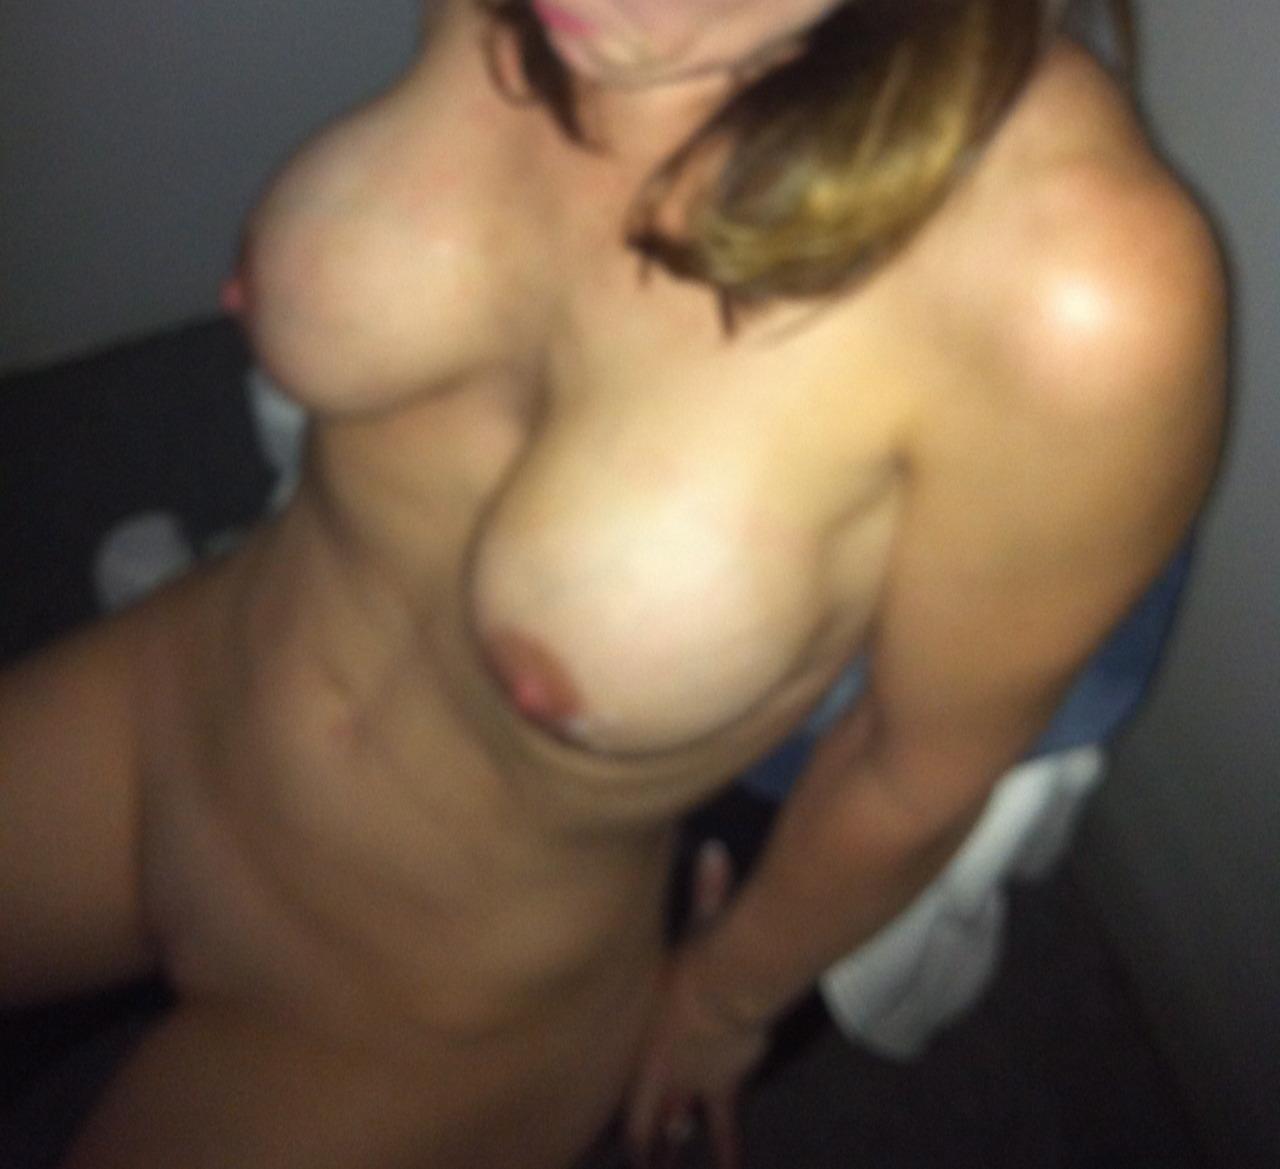 massage her clit